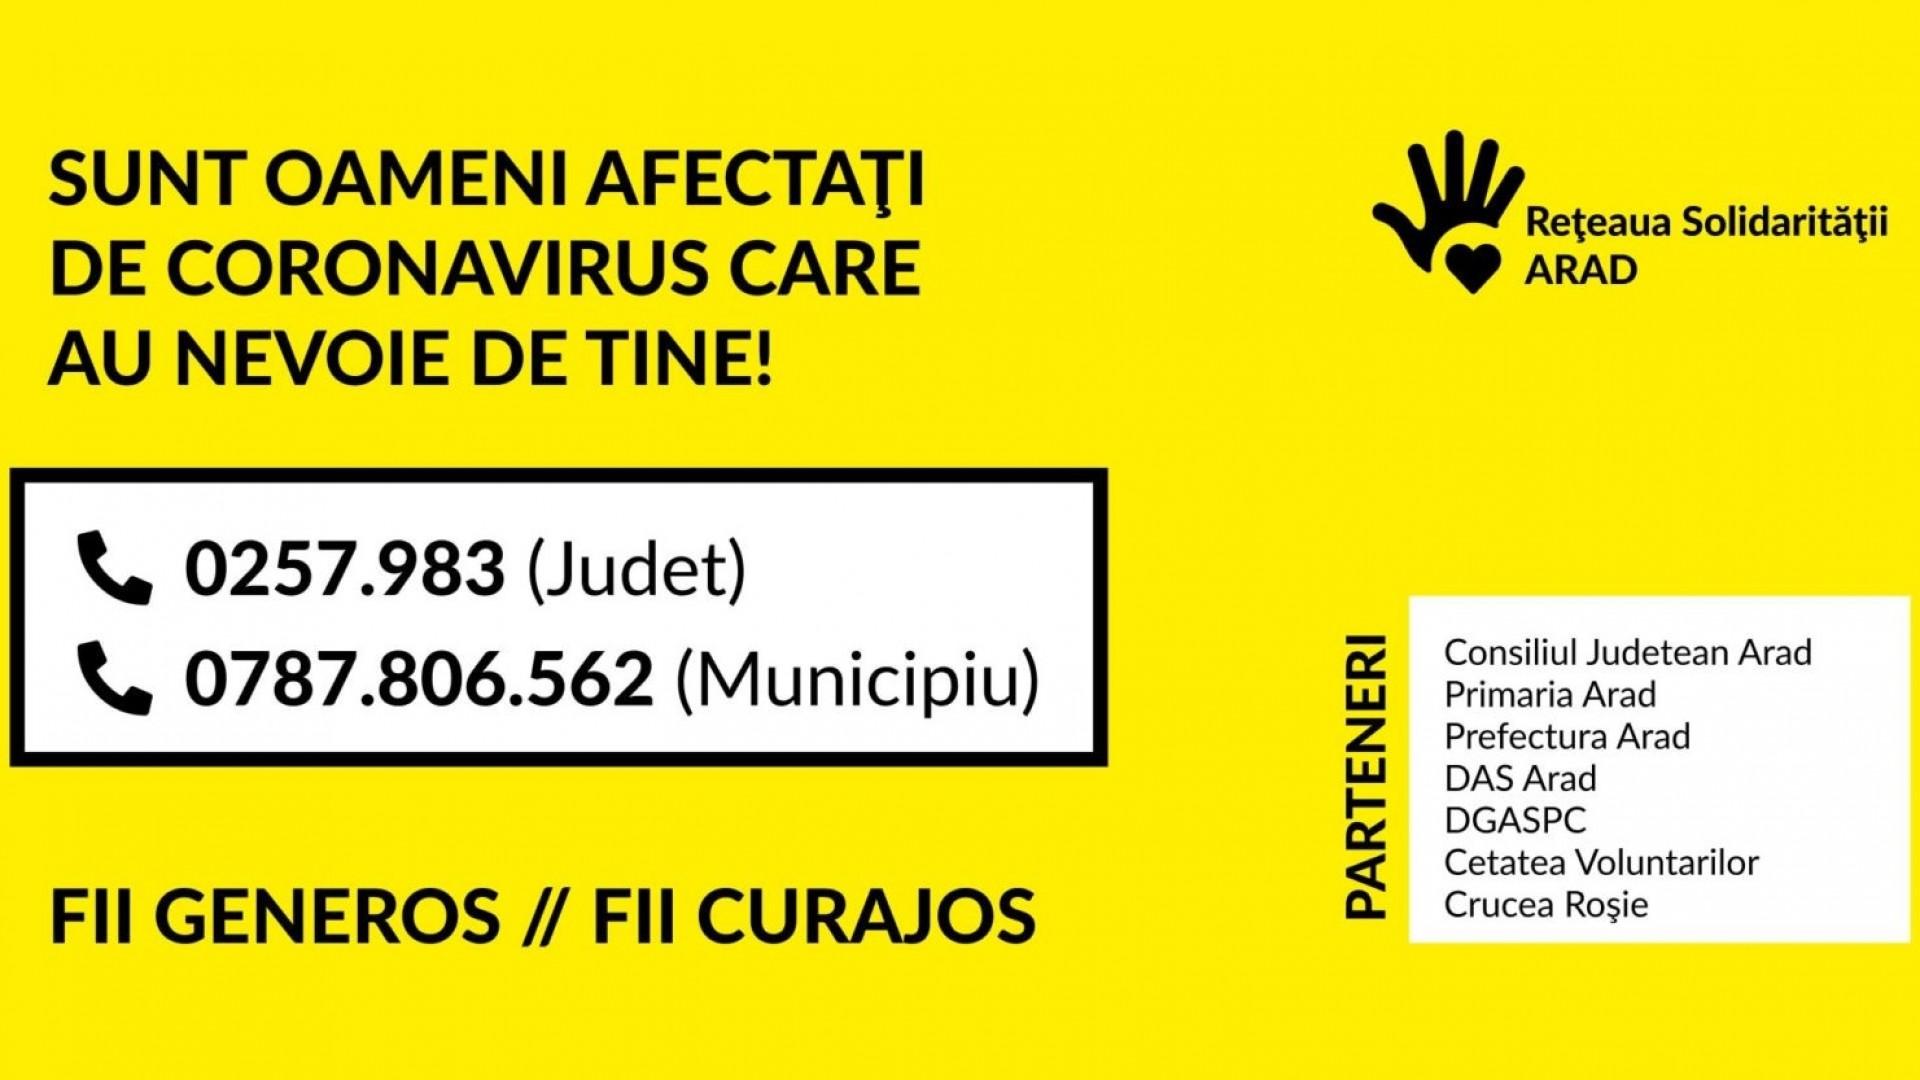 Reţeaua Solidarităţii a ajutat 2 380 de persoane în municipiu